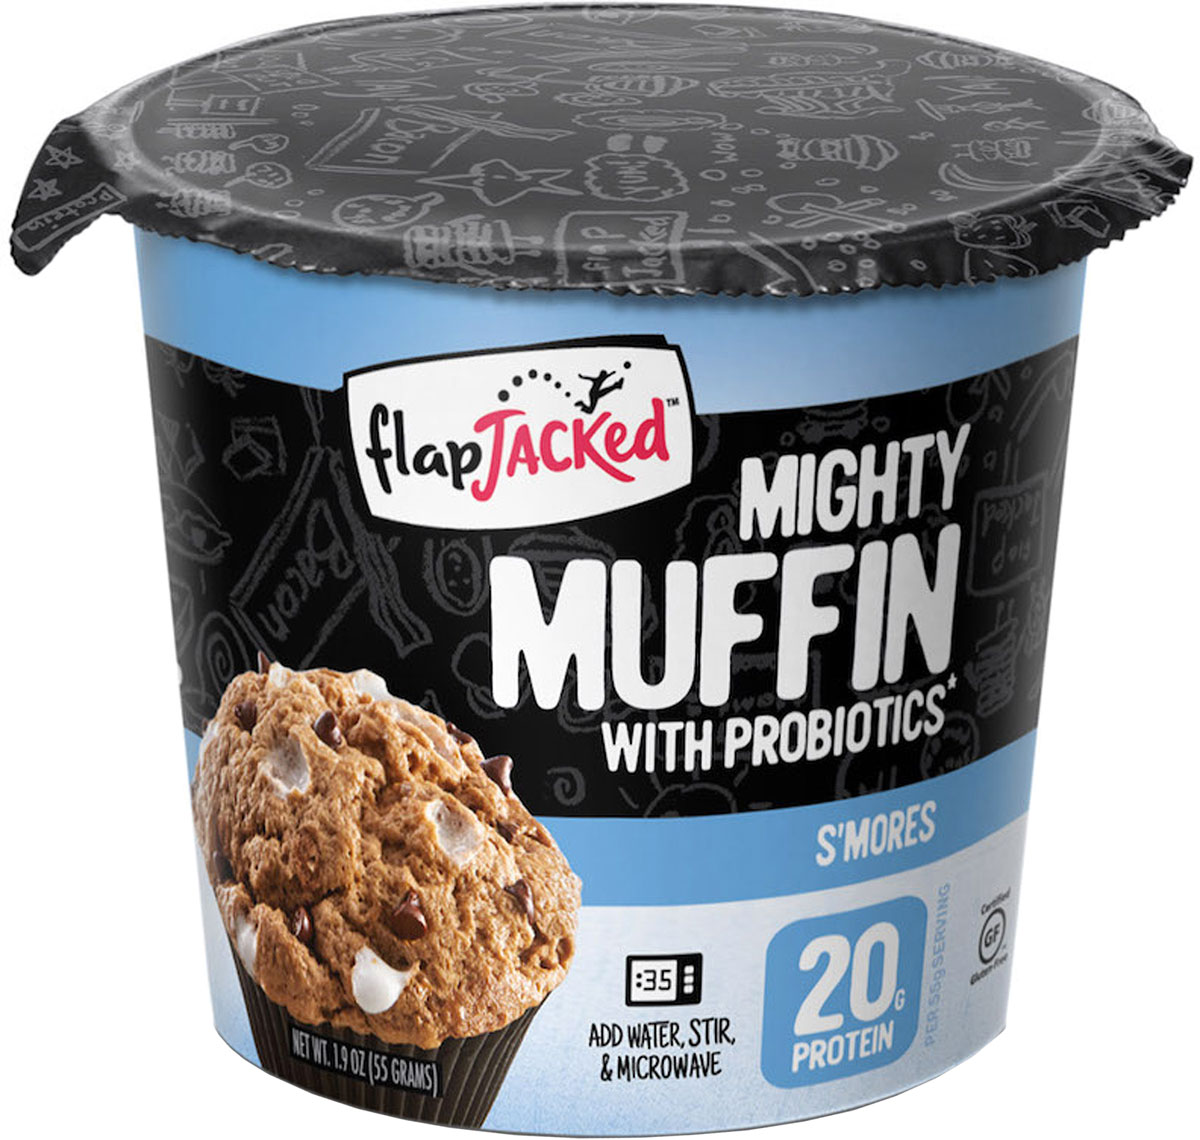 """Смесь протеиновая для изготовления маффинов FlapJacked """"Mighty Muffins S'mores"""", на основе овсяной муки, со вкусом зефира Смоурс, 55 г,"""